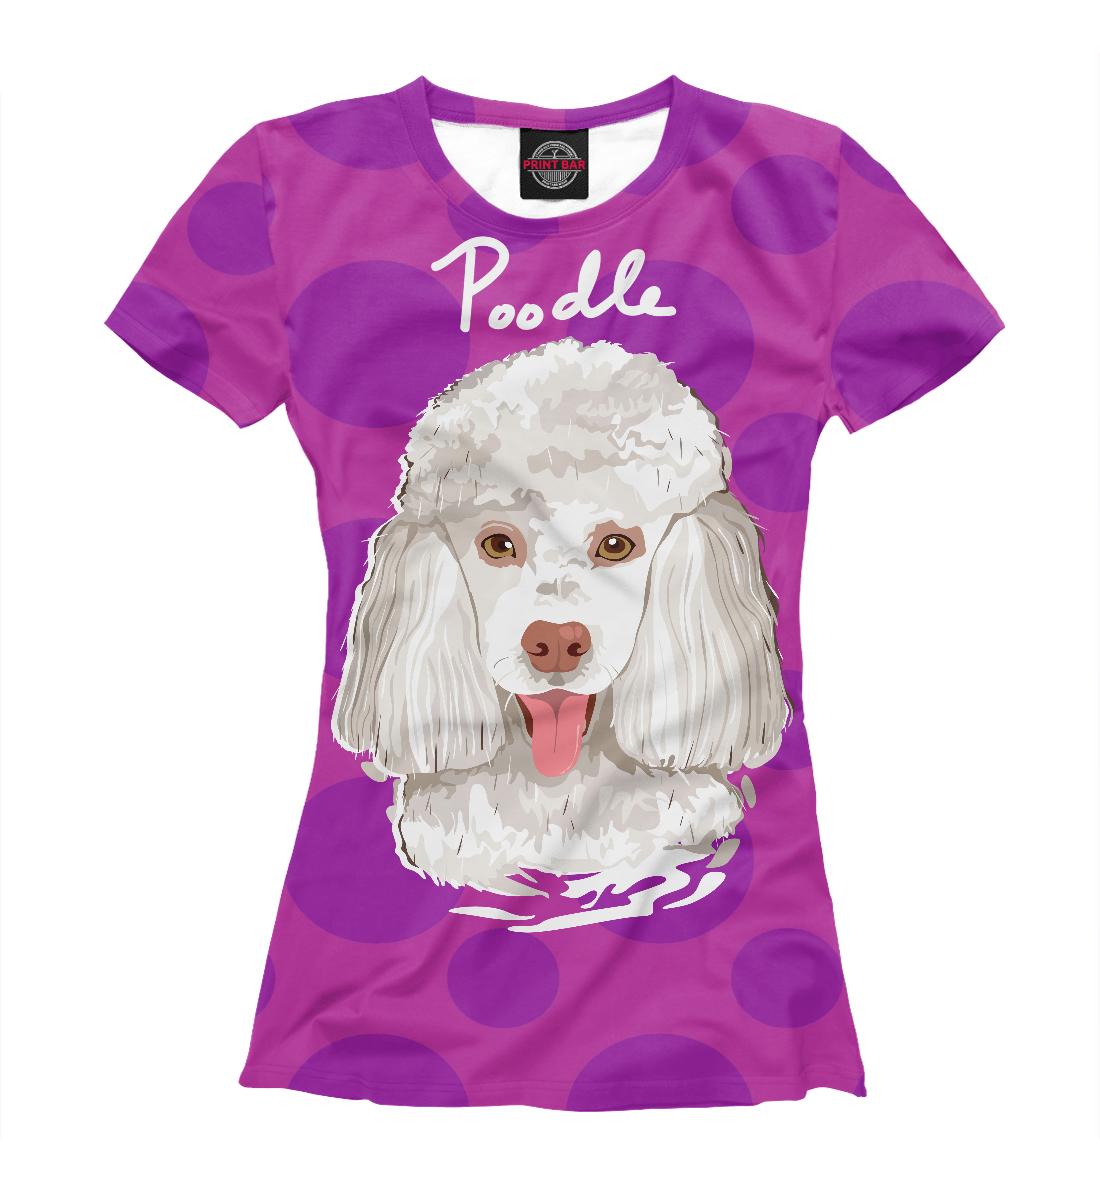 Купить Poodle, Printbar, Футболки, DOG-709708-fut-1